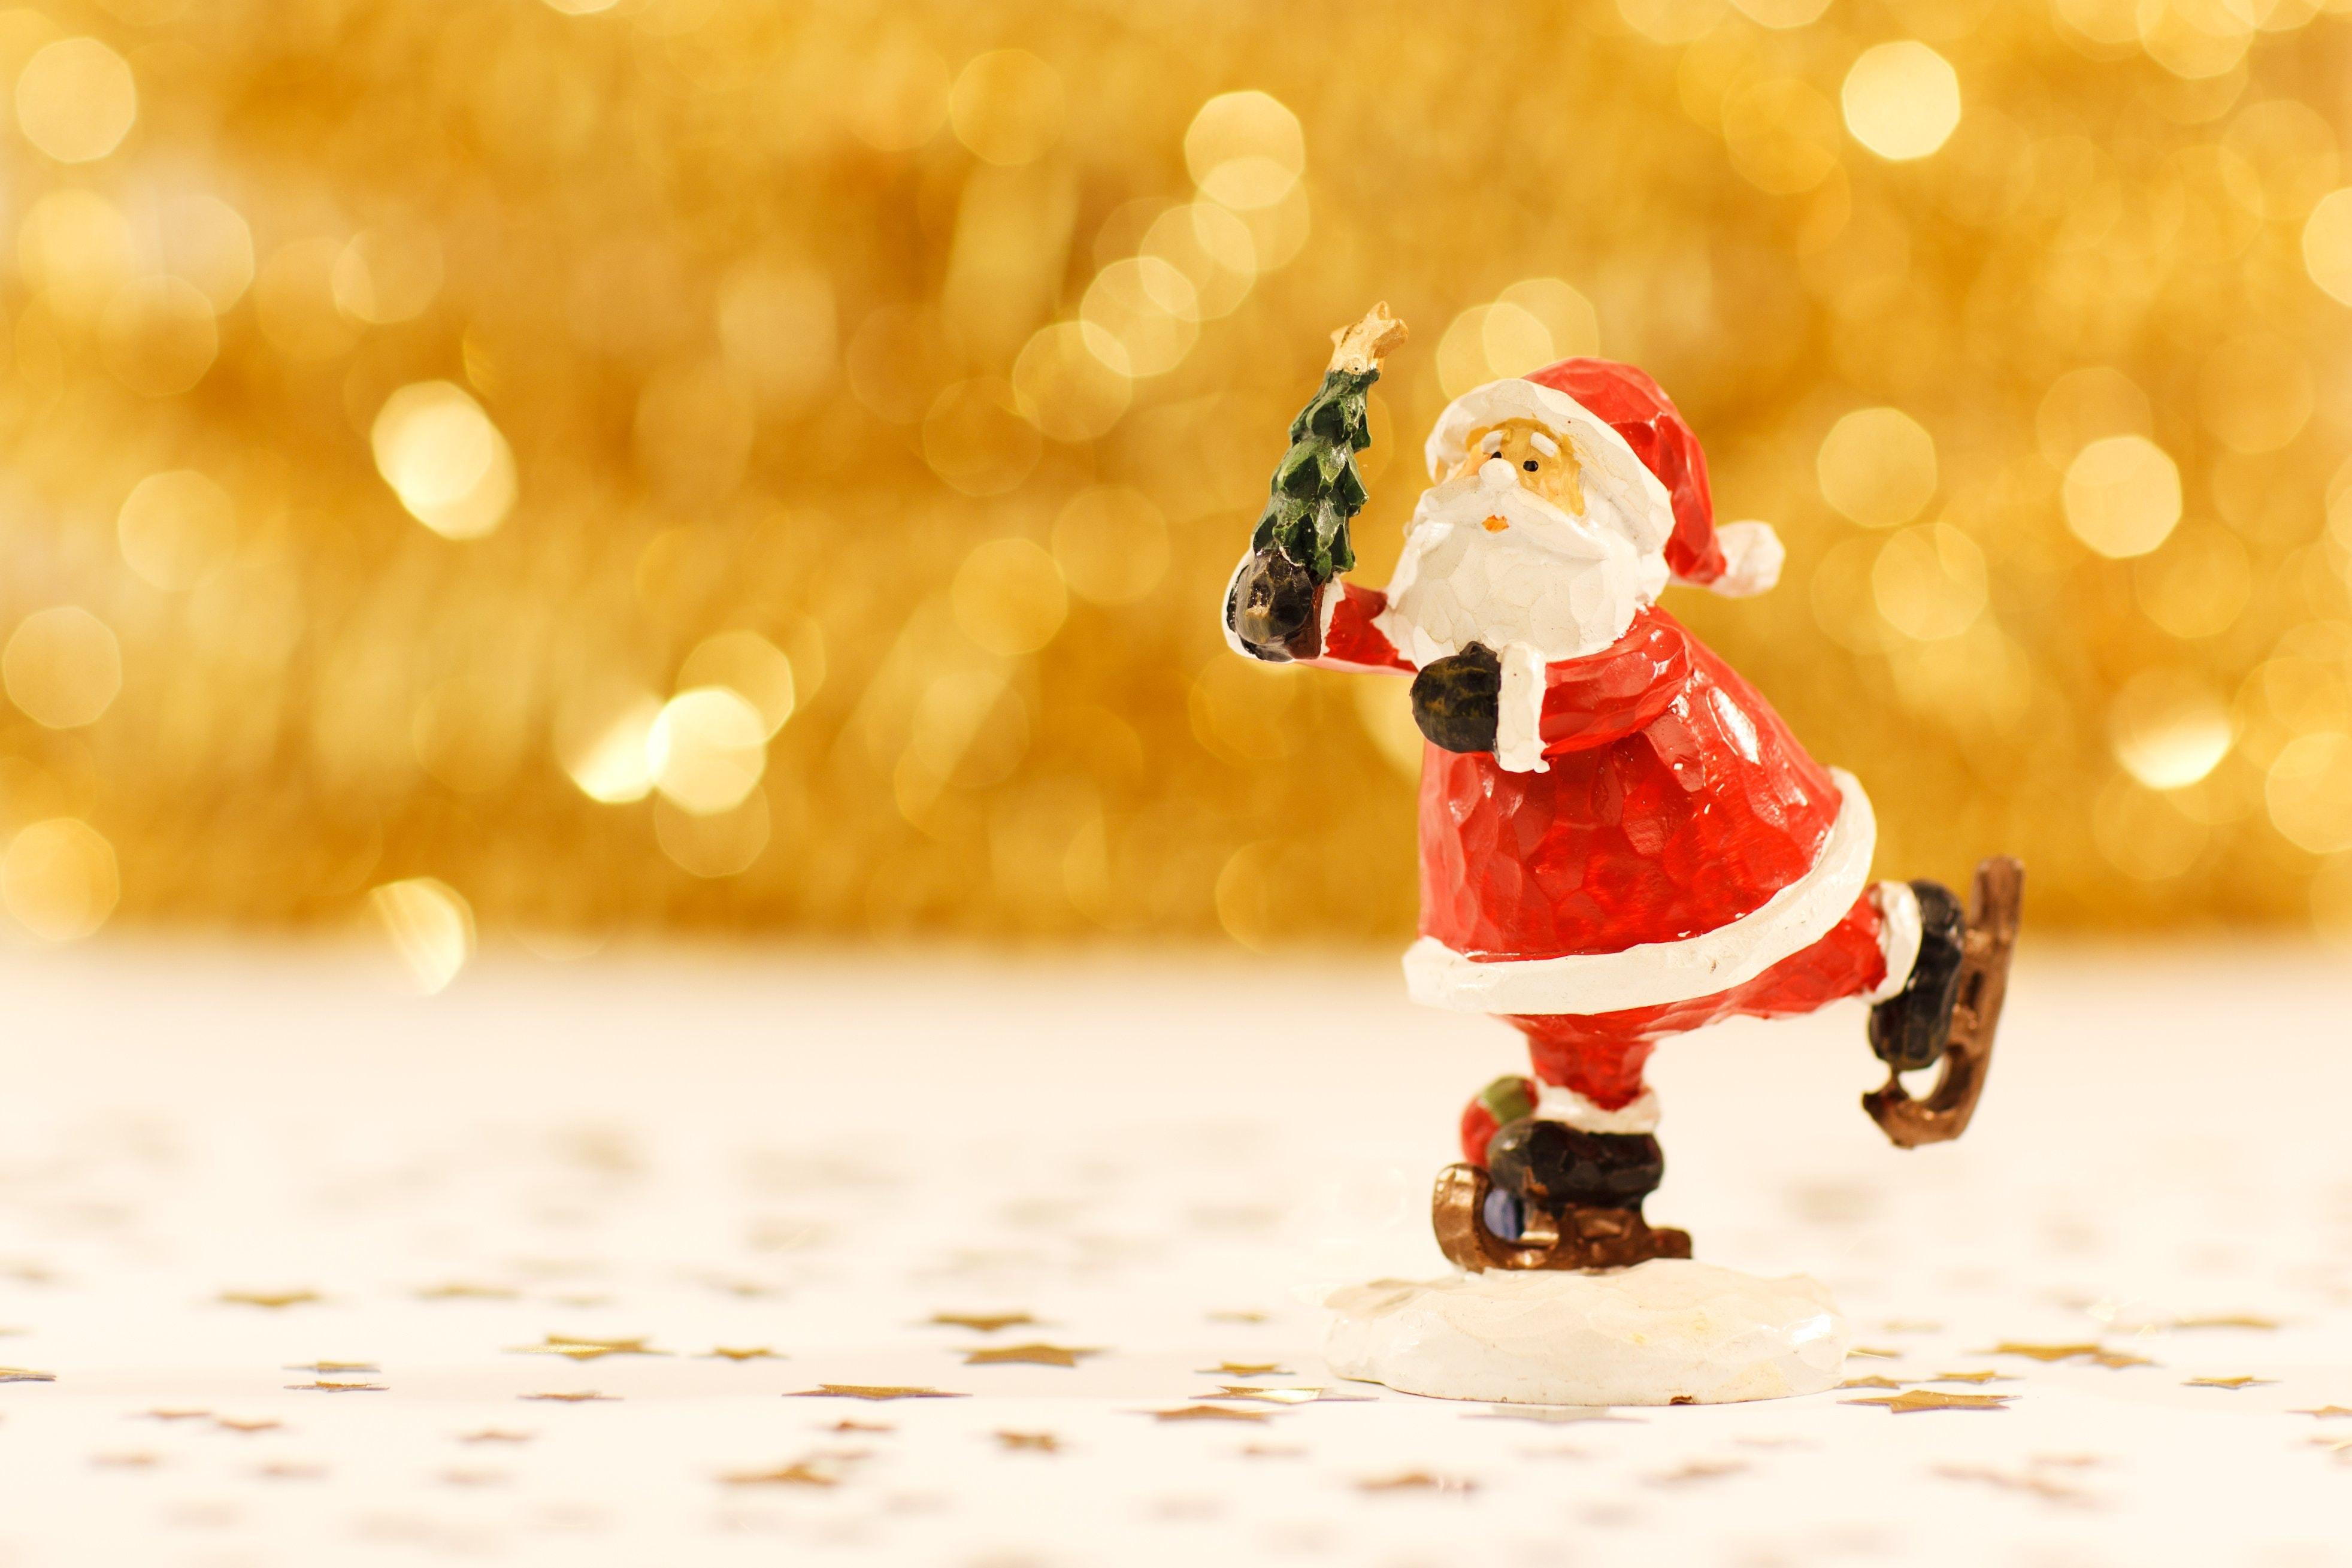 ベトナムのクリスマスは祝日になる?? プレゼントやケーキ事情も紹介